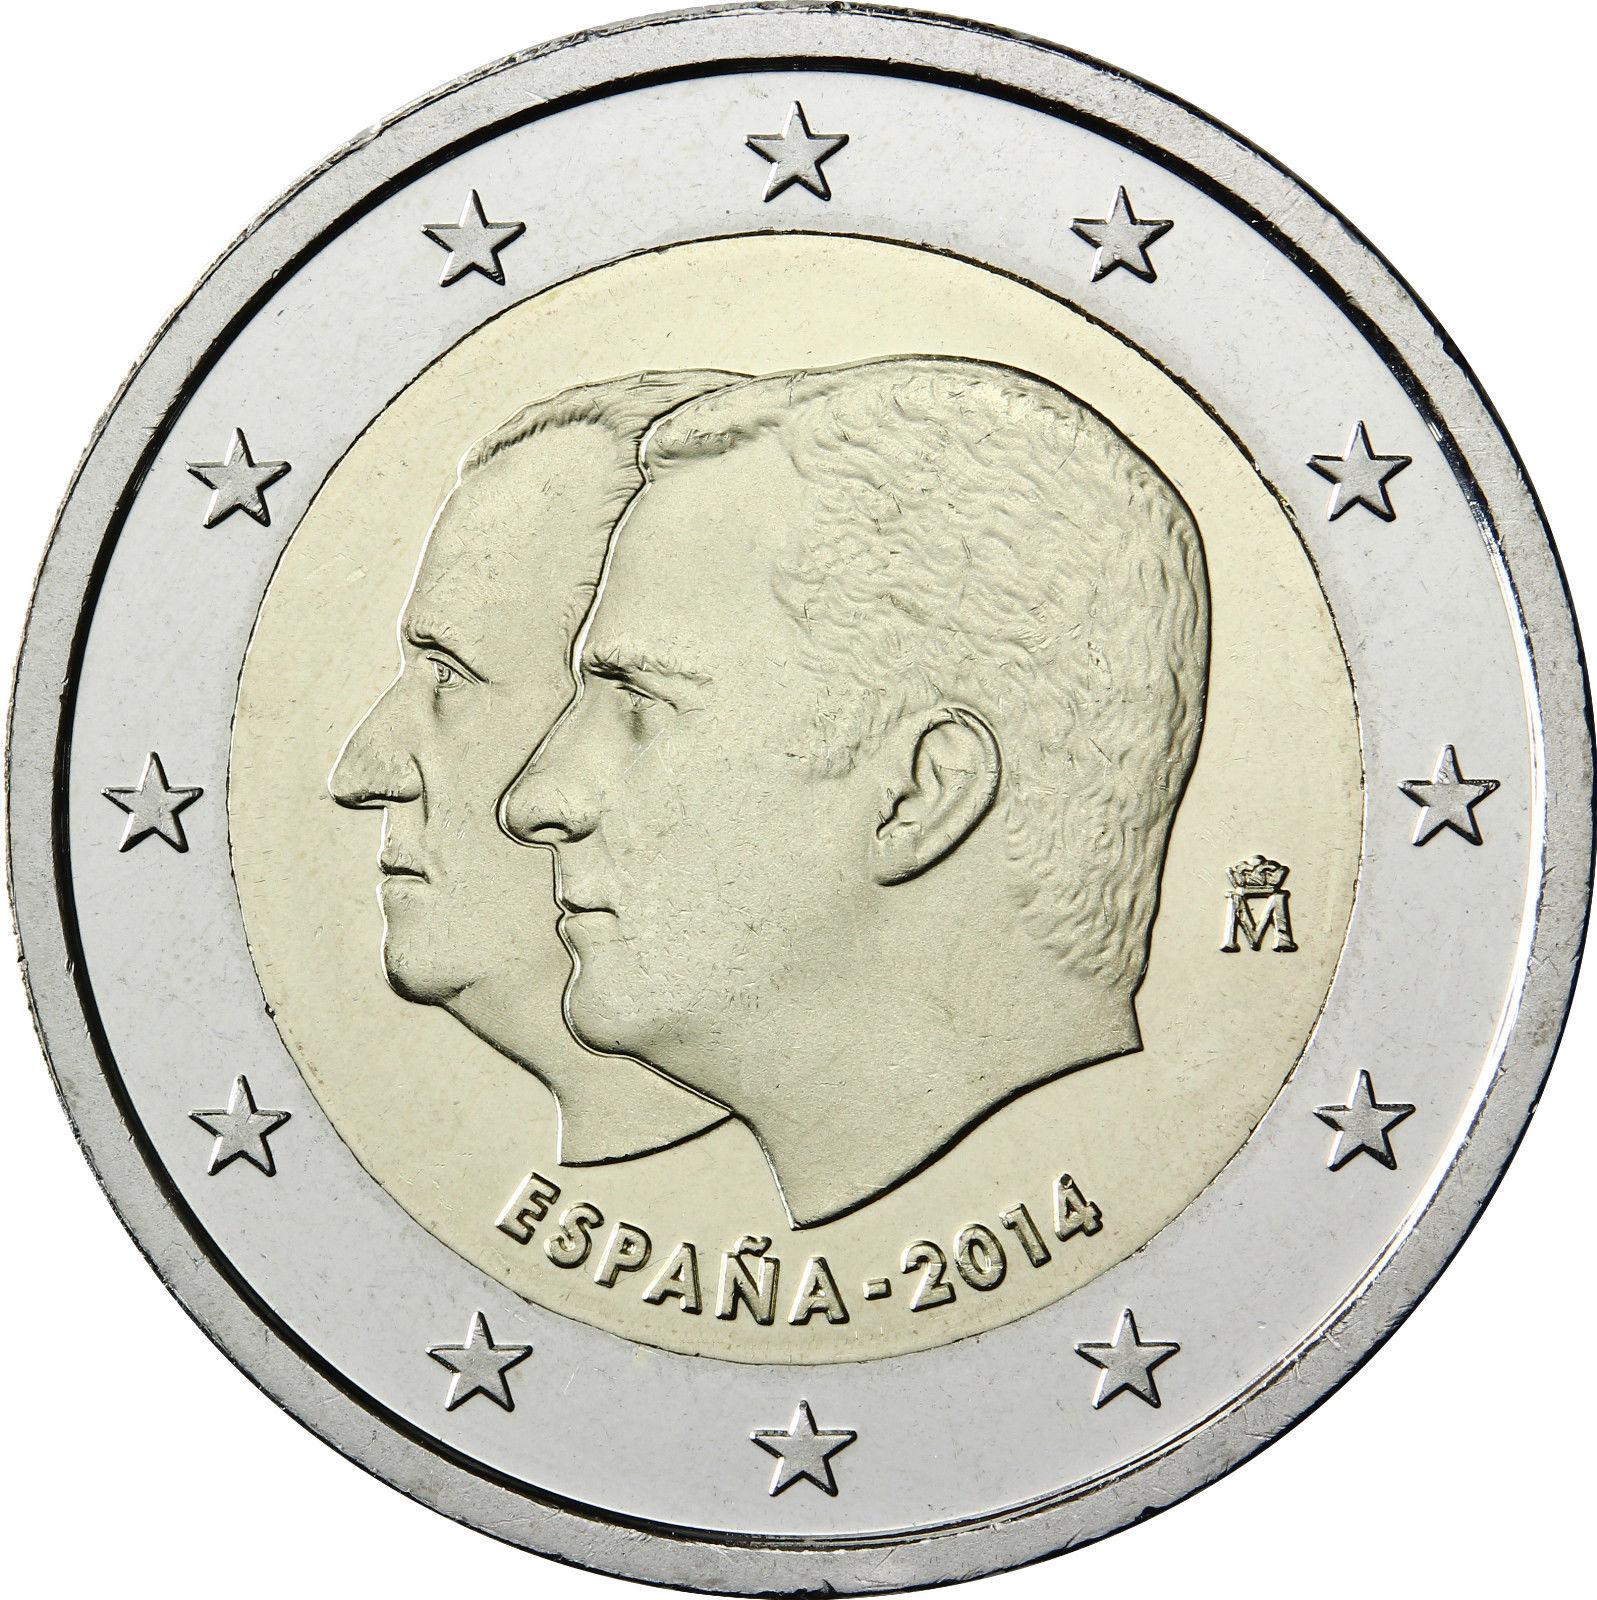 Испания 2014 Двойной портрет Филипп VI взошел трон 2 евро НАСТОЯЩИЕ Оригинальные монеты настоящая Евро коллекция памятная монета Unc